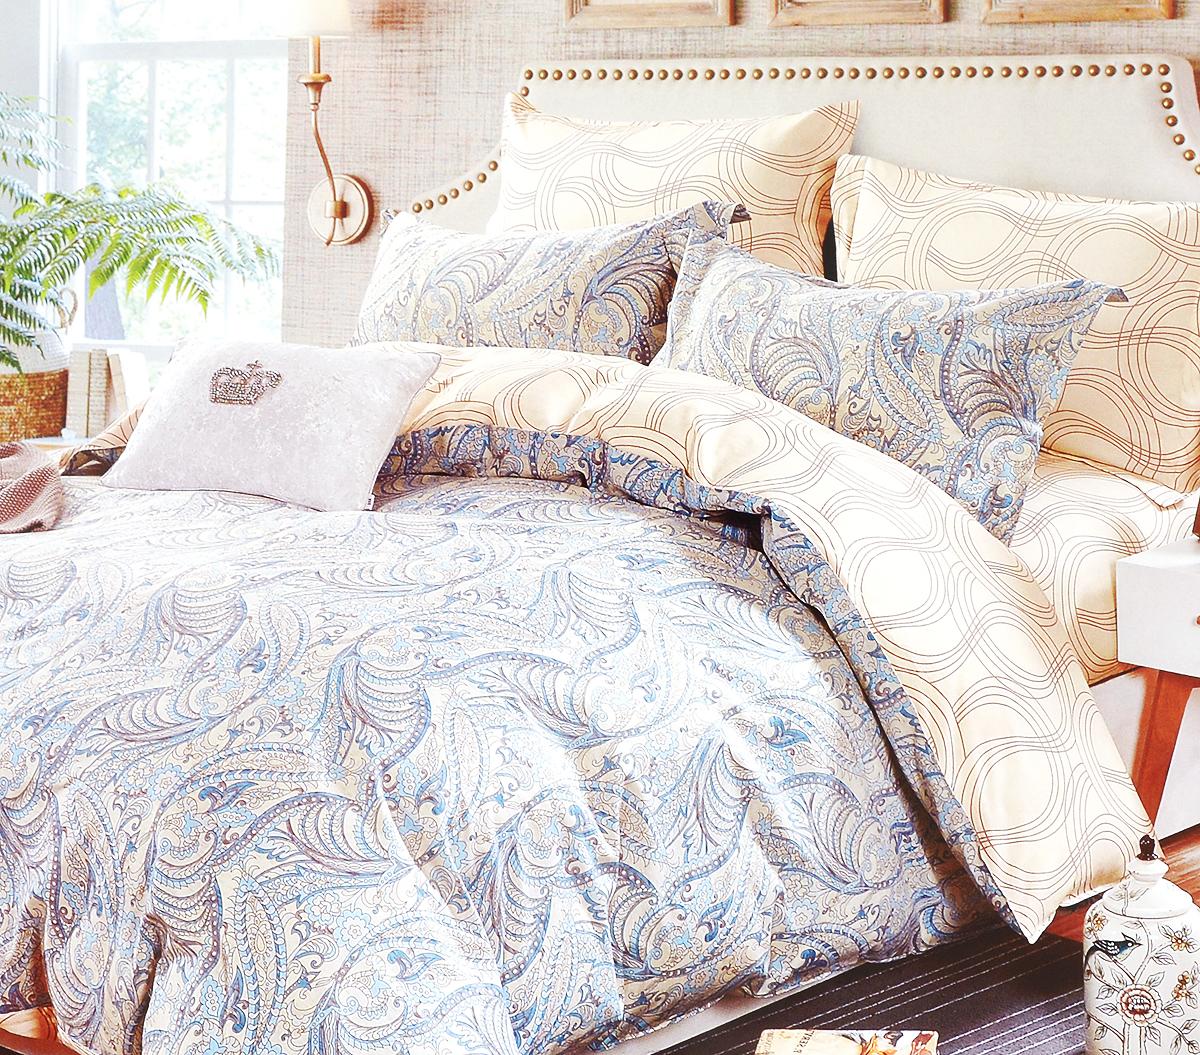 Комплект белья Arya Adella, 2-спальный, наволочки 50х70, 70х70, цвет: бежевый, голубойTR1002249Роскошный комплект постельного белья Arya Adella состоит из пододеяльника, простыни и 4 наволочек, выполненных из сатина (100% хлопка). Сатин - прочная и плотная ткань с диагональным переплетением нитей. Сатиновое постельное белье легко переносит стирку в горячей воде, не выцветает, не соскальзывает с кровати и приятно на ощупь.Благодаря такому комплекту постельного белья вы создадите неповторимую атмосферу в вашей спальне.